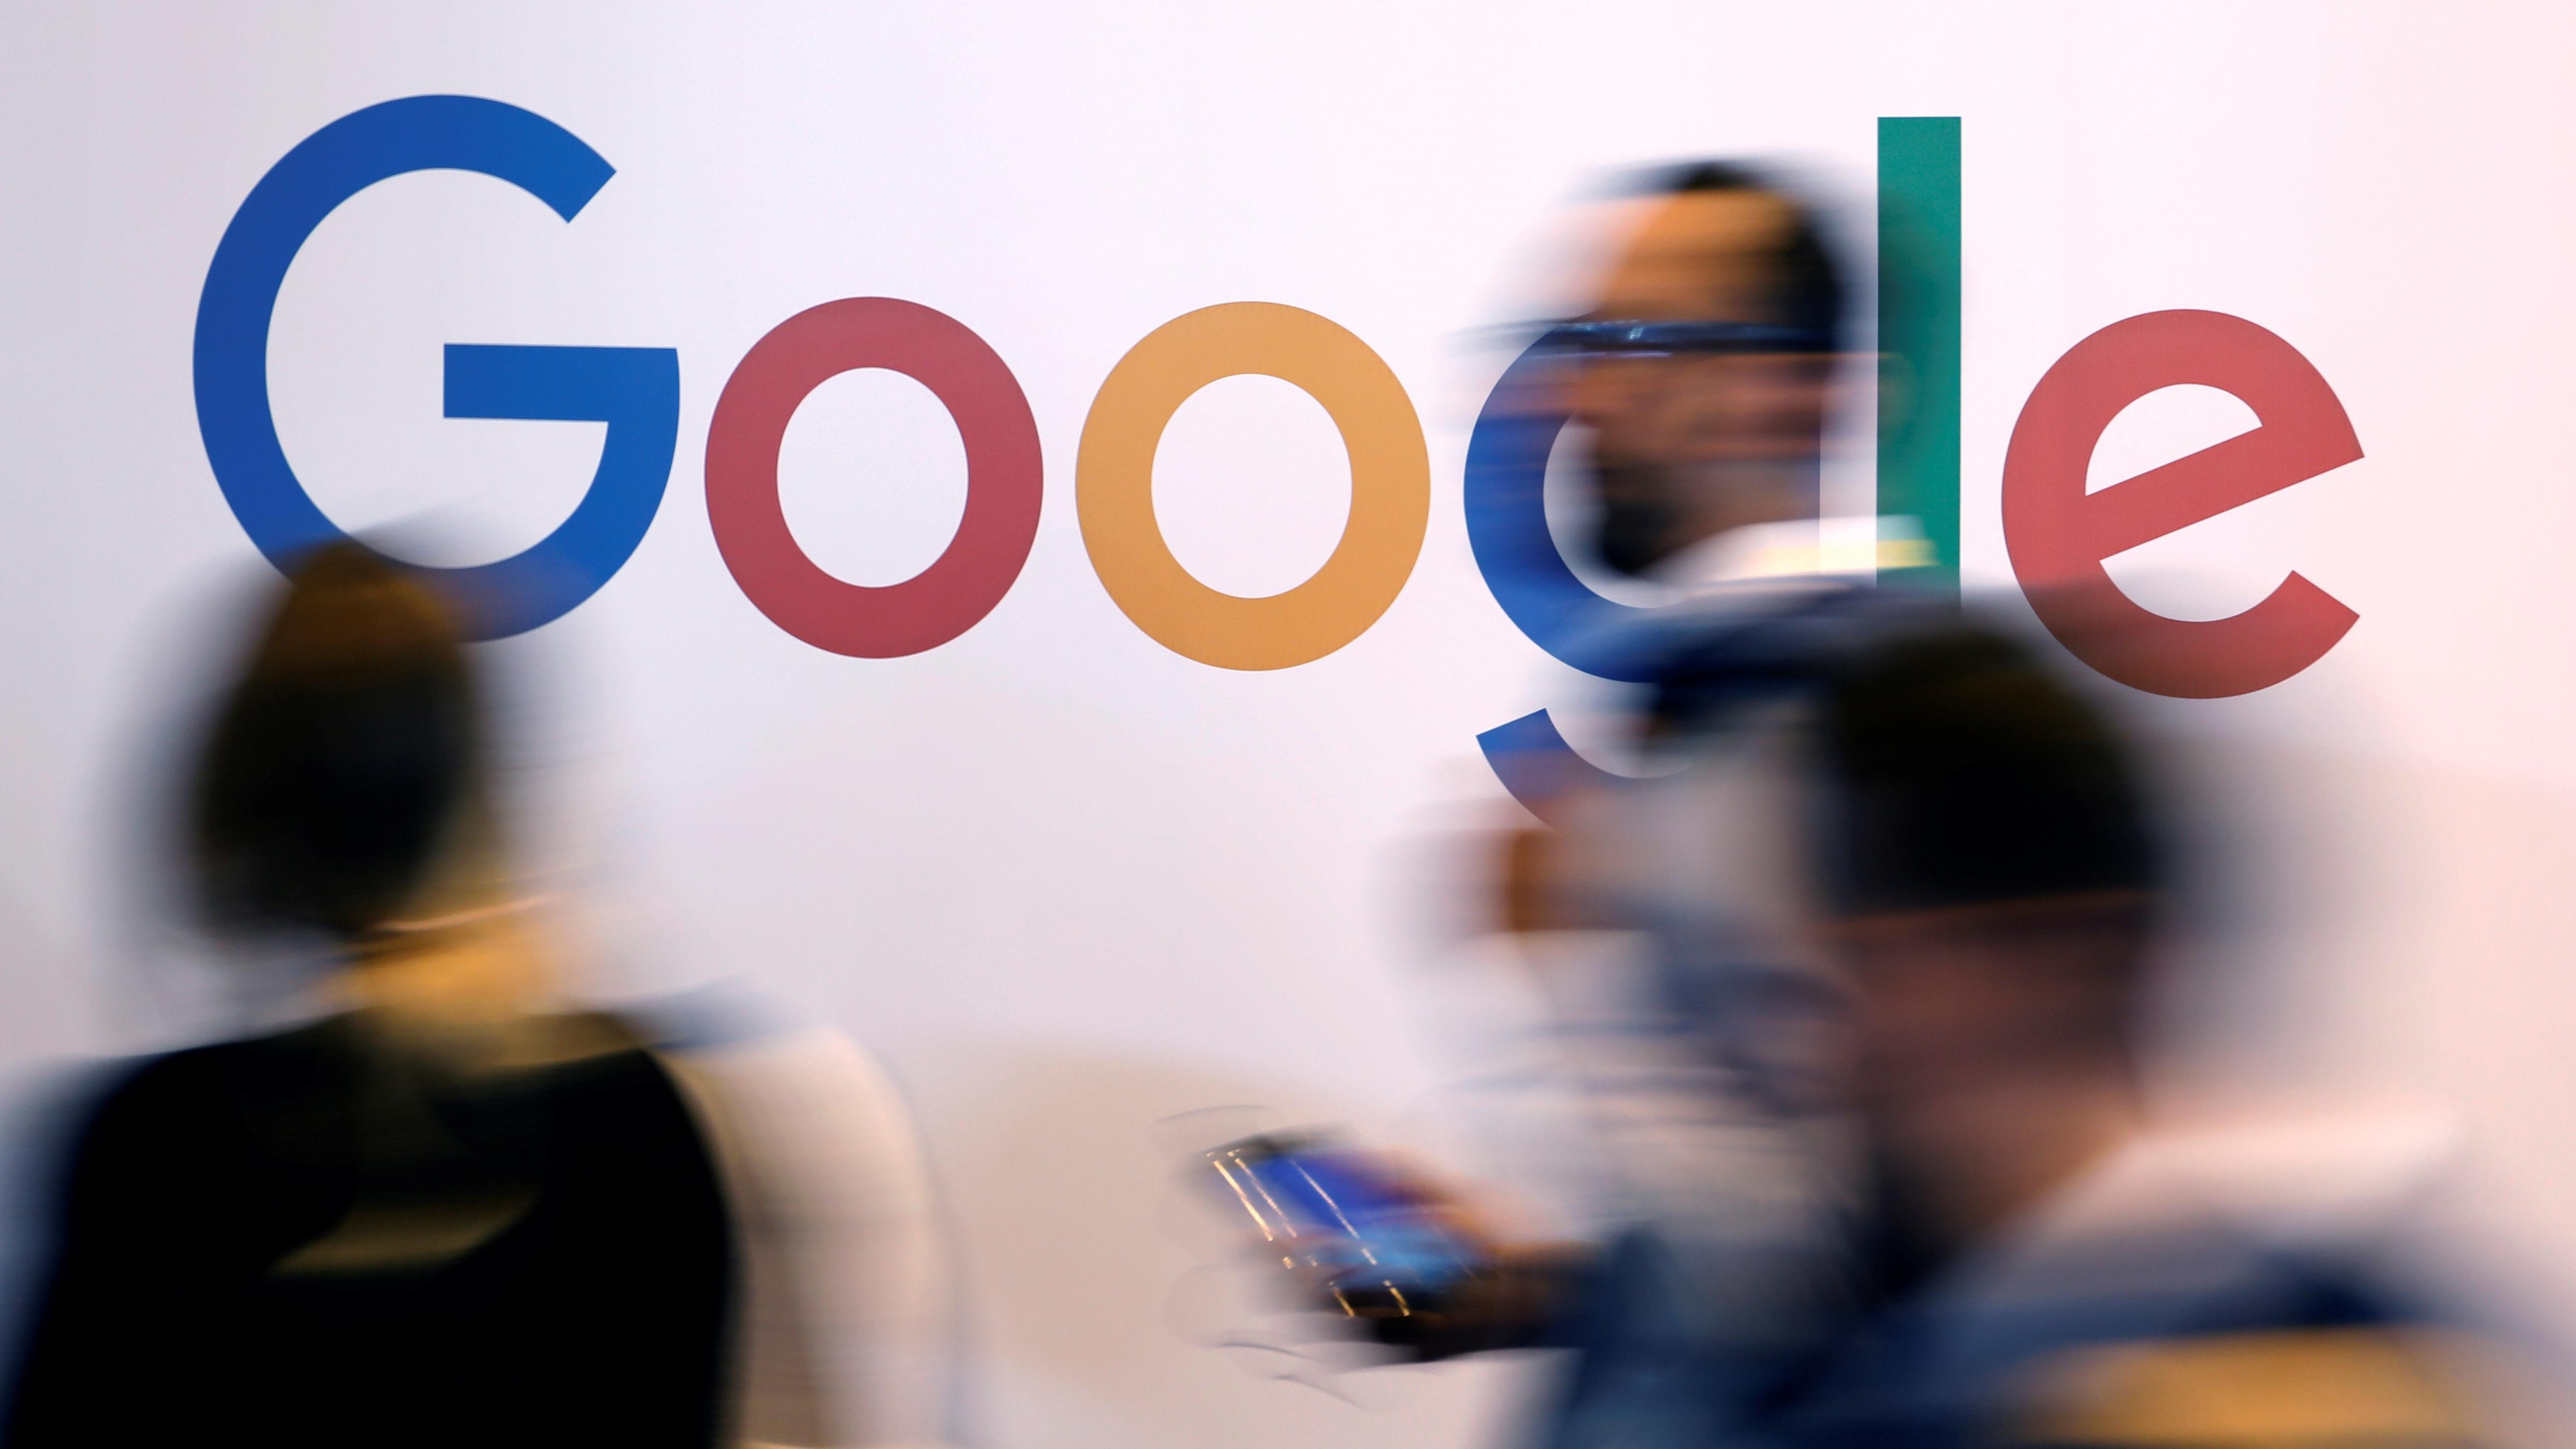 Google beendet Vertrag mit US-Verteidigungsministerium